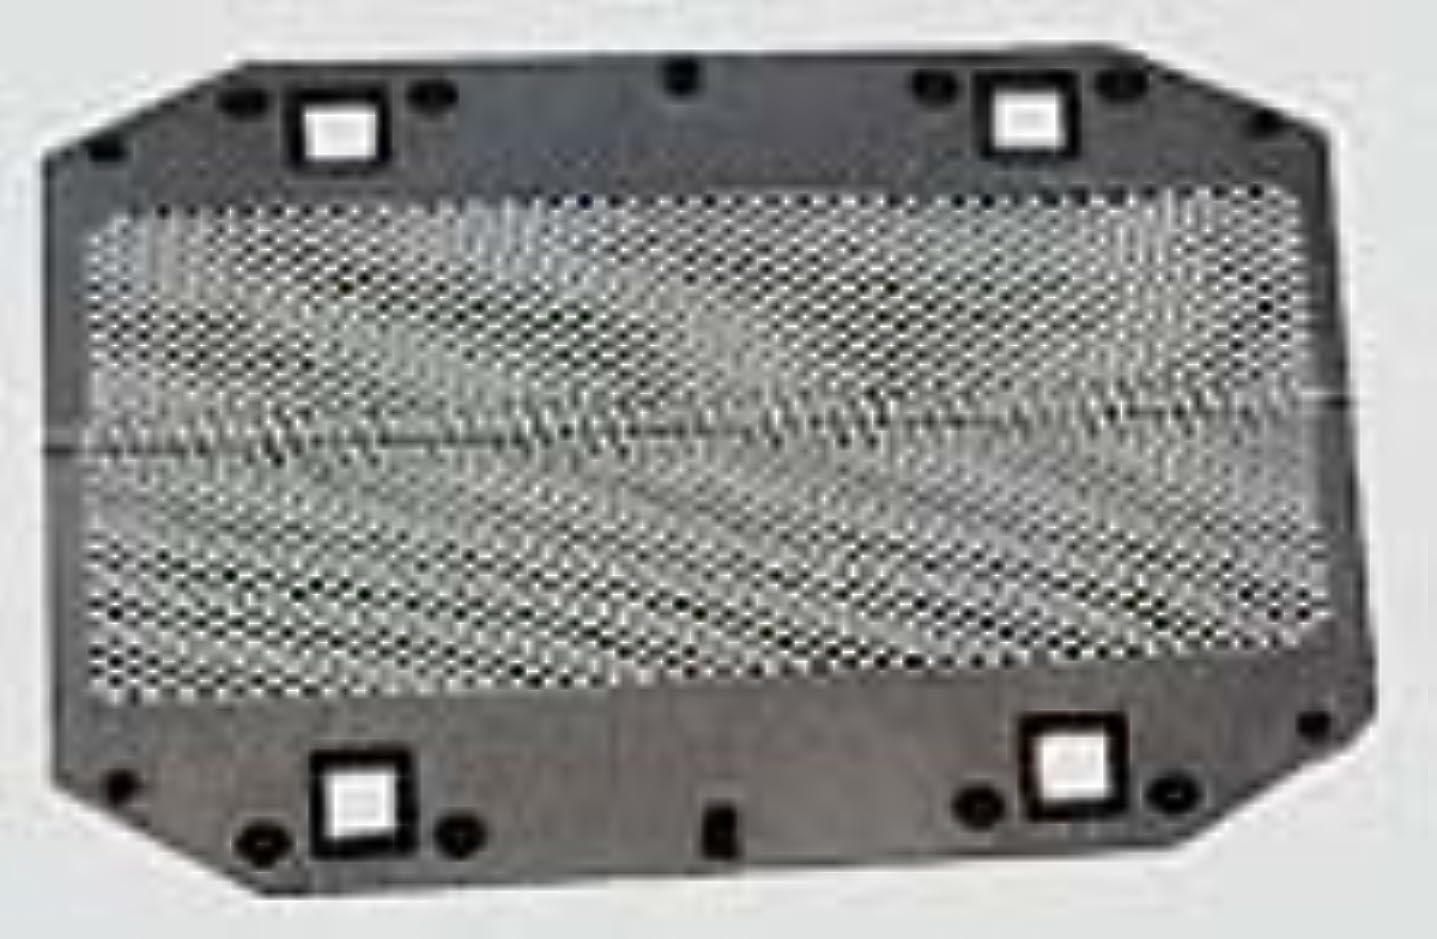 雨回転適切にパナソニック 替刃 U-4 スーパーレザー?スーパーレザーW.D. 外刃 ES9961